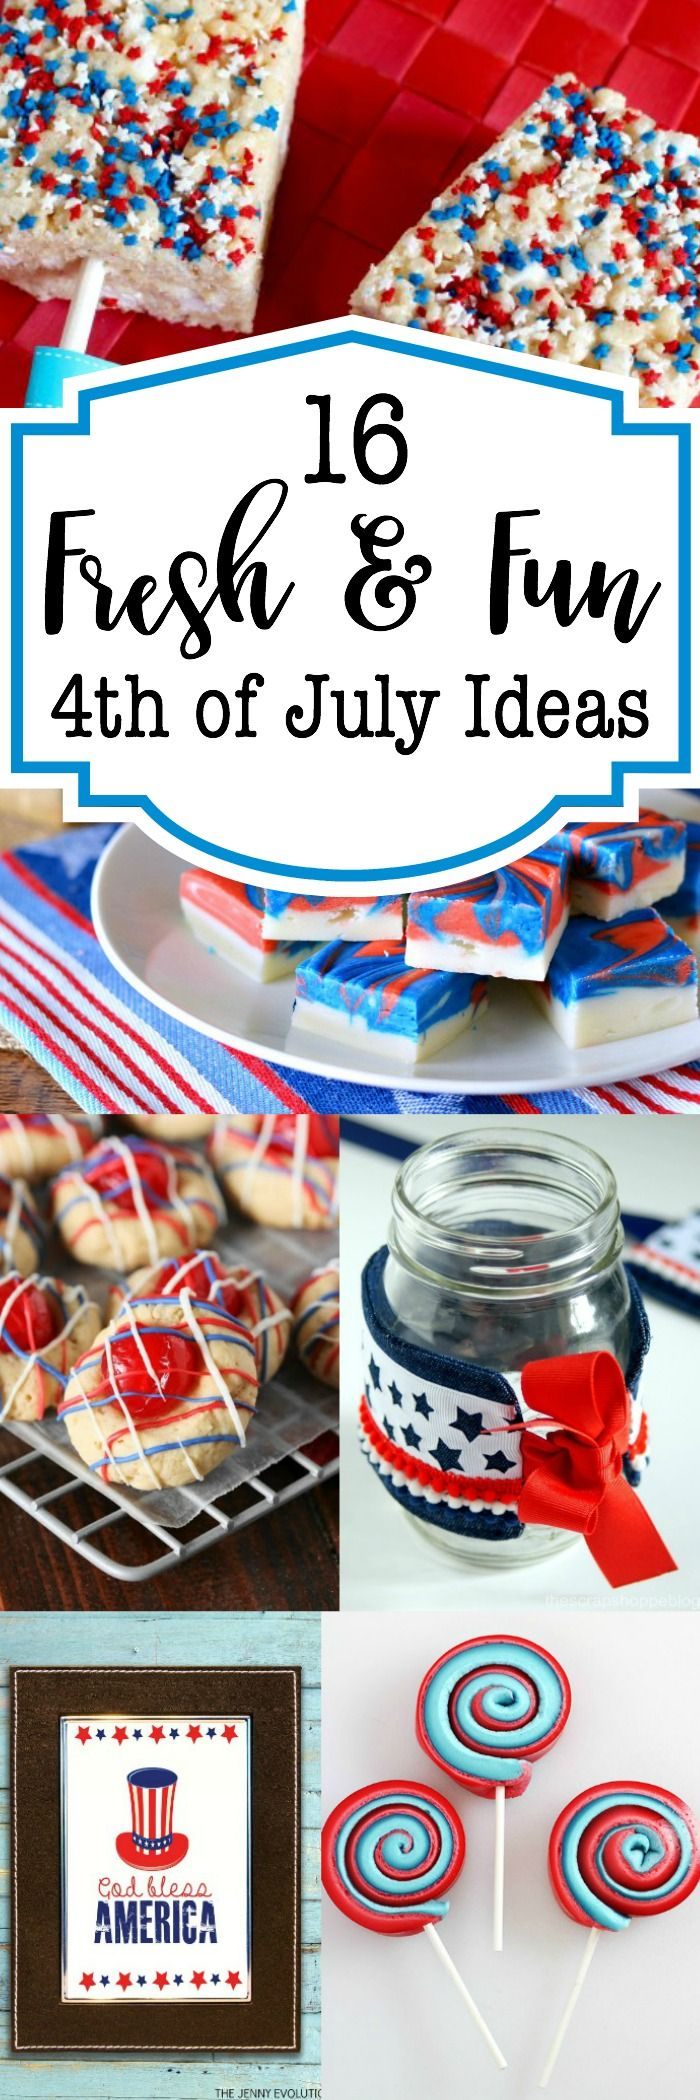 Virtual craft club diy vinyl wood slice sugar bee - 16 Fresh And Fun 4th Of July Ideas